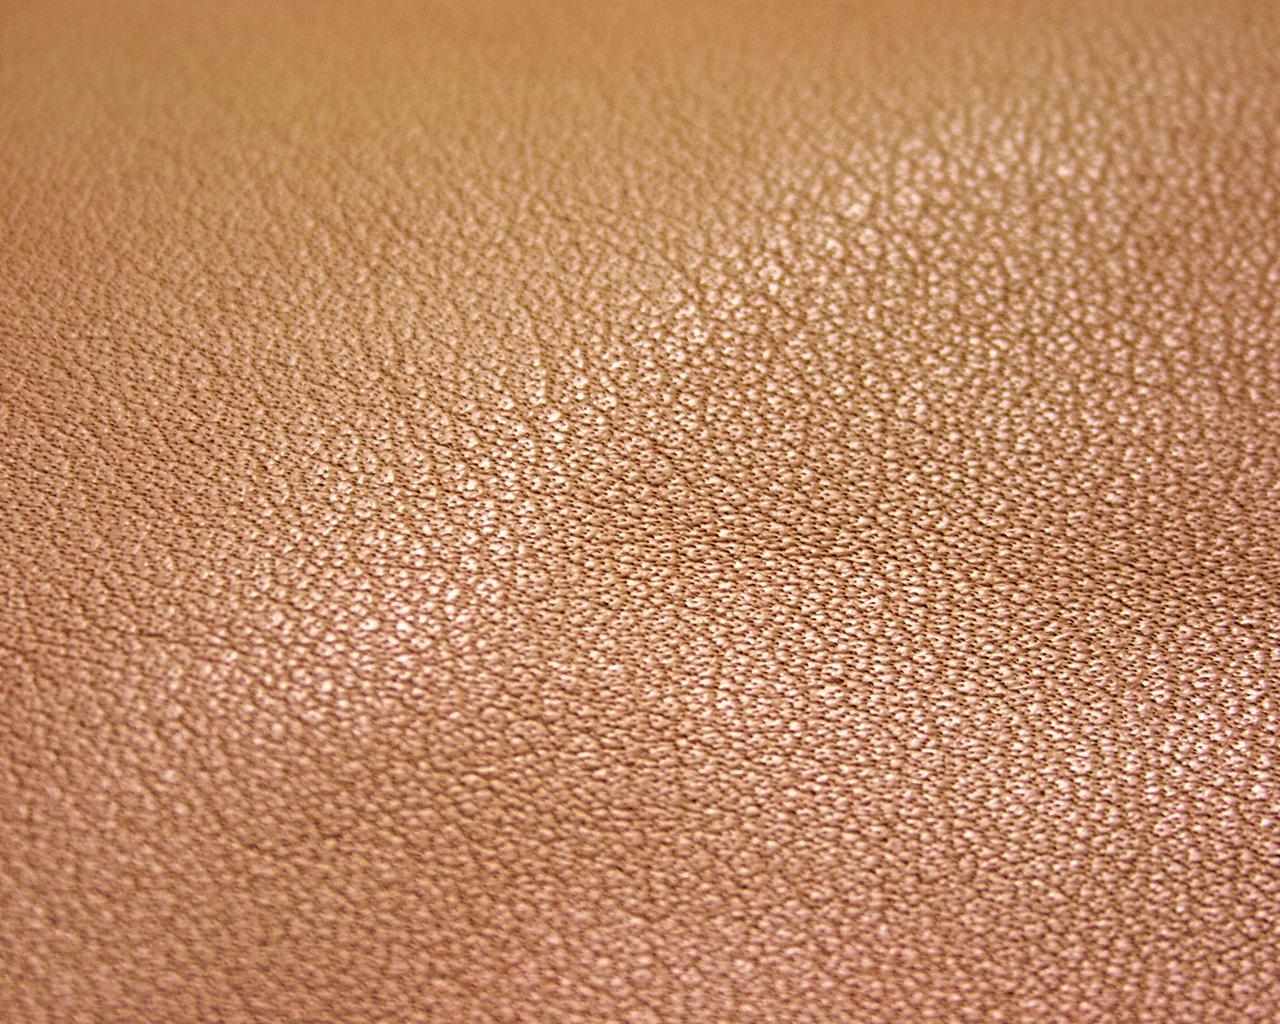 Durch Unbehandelte Oberfläche Ist Rein Anilin Leider Sehr Empfindlich Und  Anfällig Für Flecken Und Gebrauchsspuren. Es Entwickelt Im Laufe Der Zeit  Einen ...